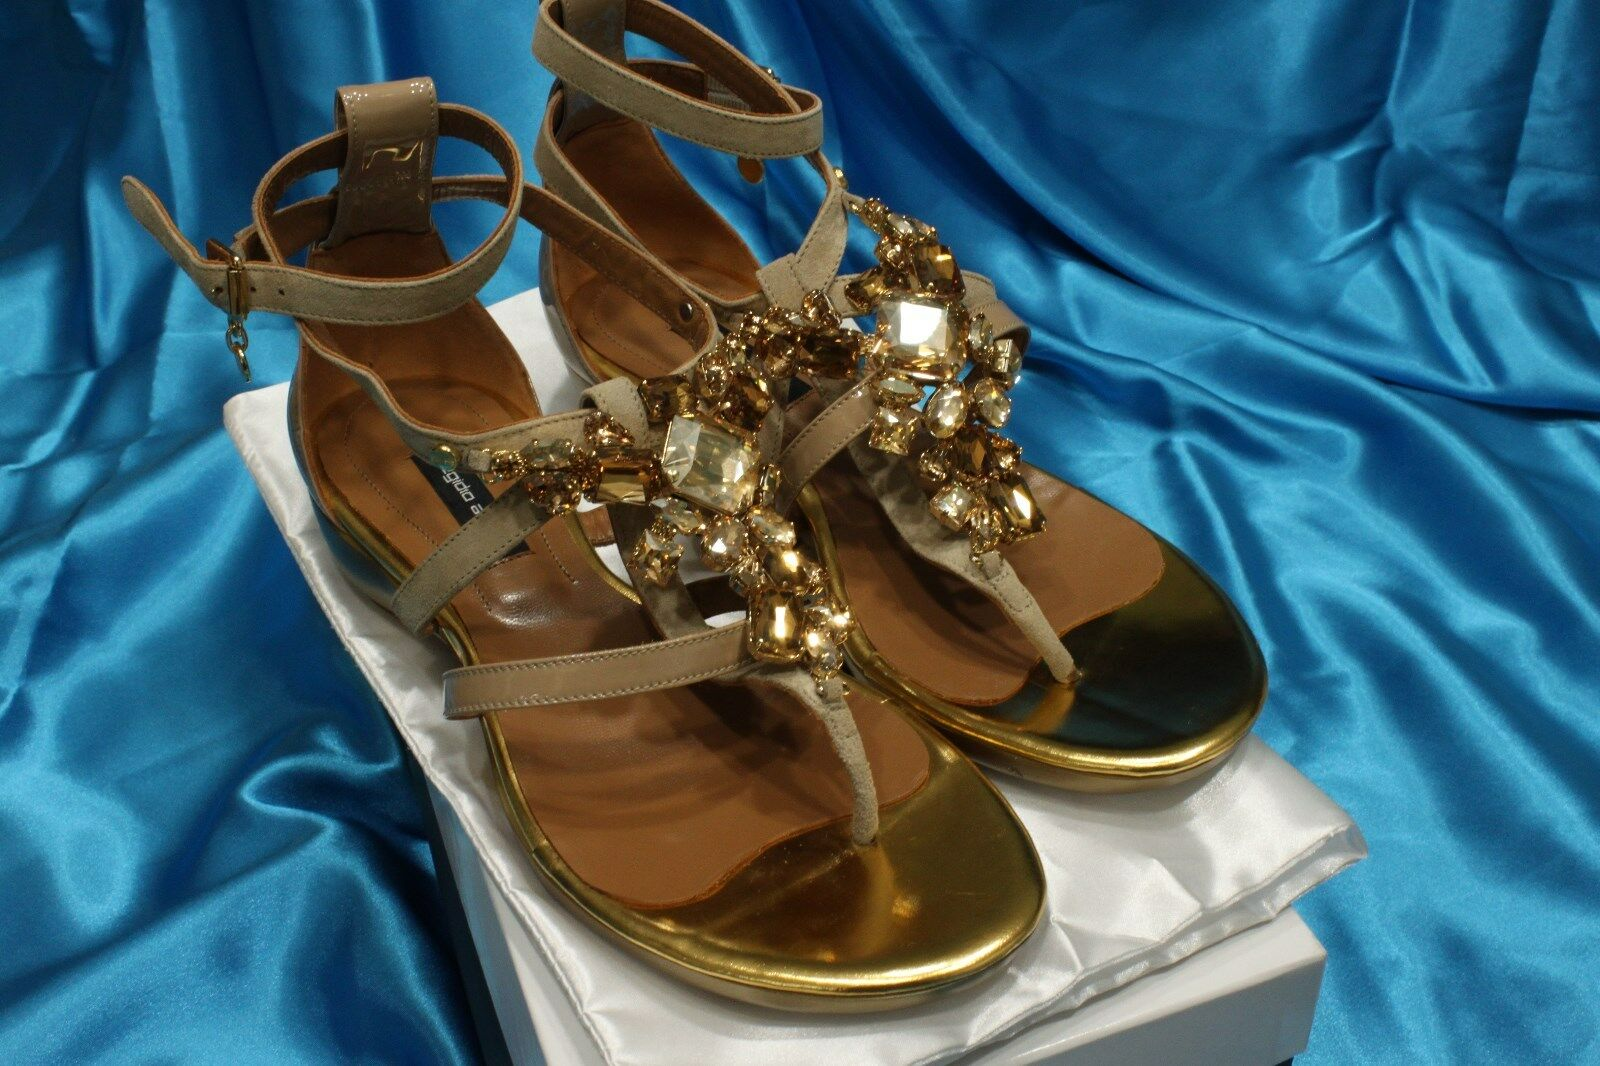 Sandalias Planas Con Con Con Cristales-UE tamaño 38 o 39 por Egidio Alves Nuevo Diseñador  los nuevos estilos calientes